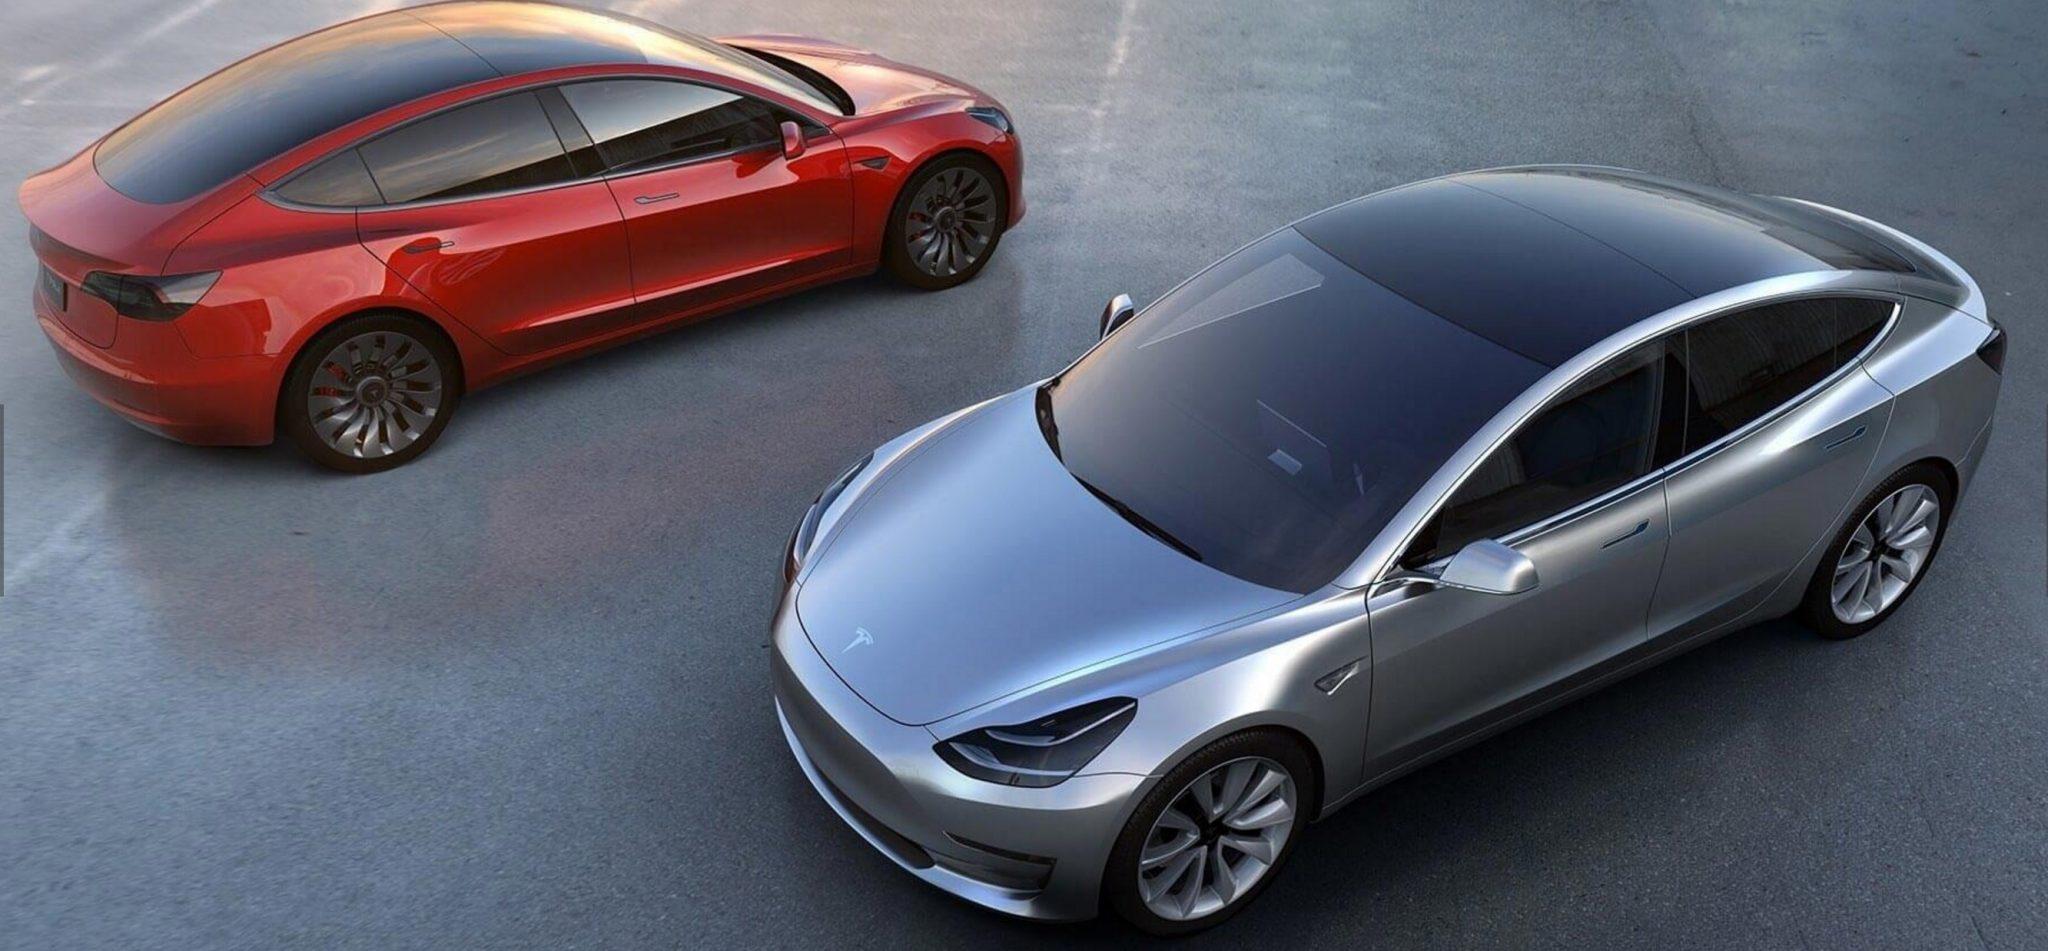 El Tesla Model 3 podría llegar antes del mercado, con riesgos asumidos